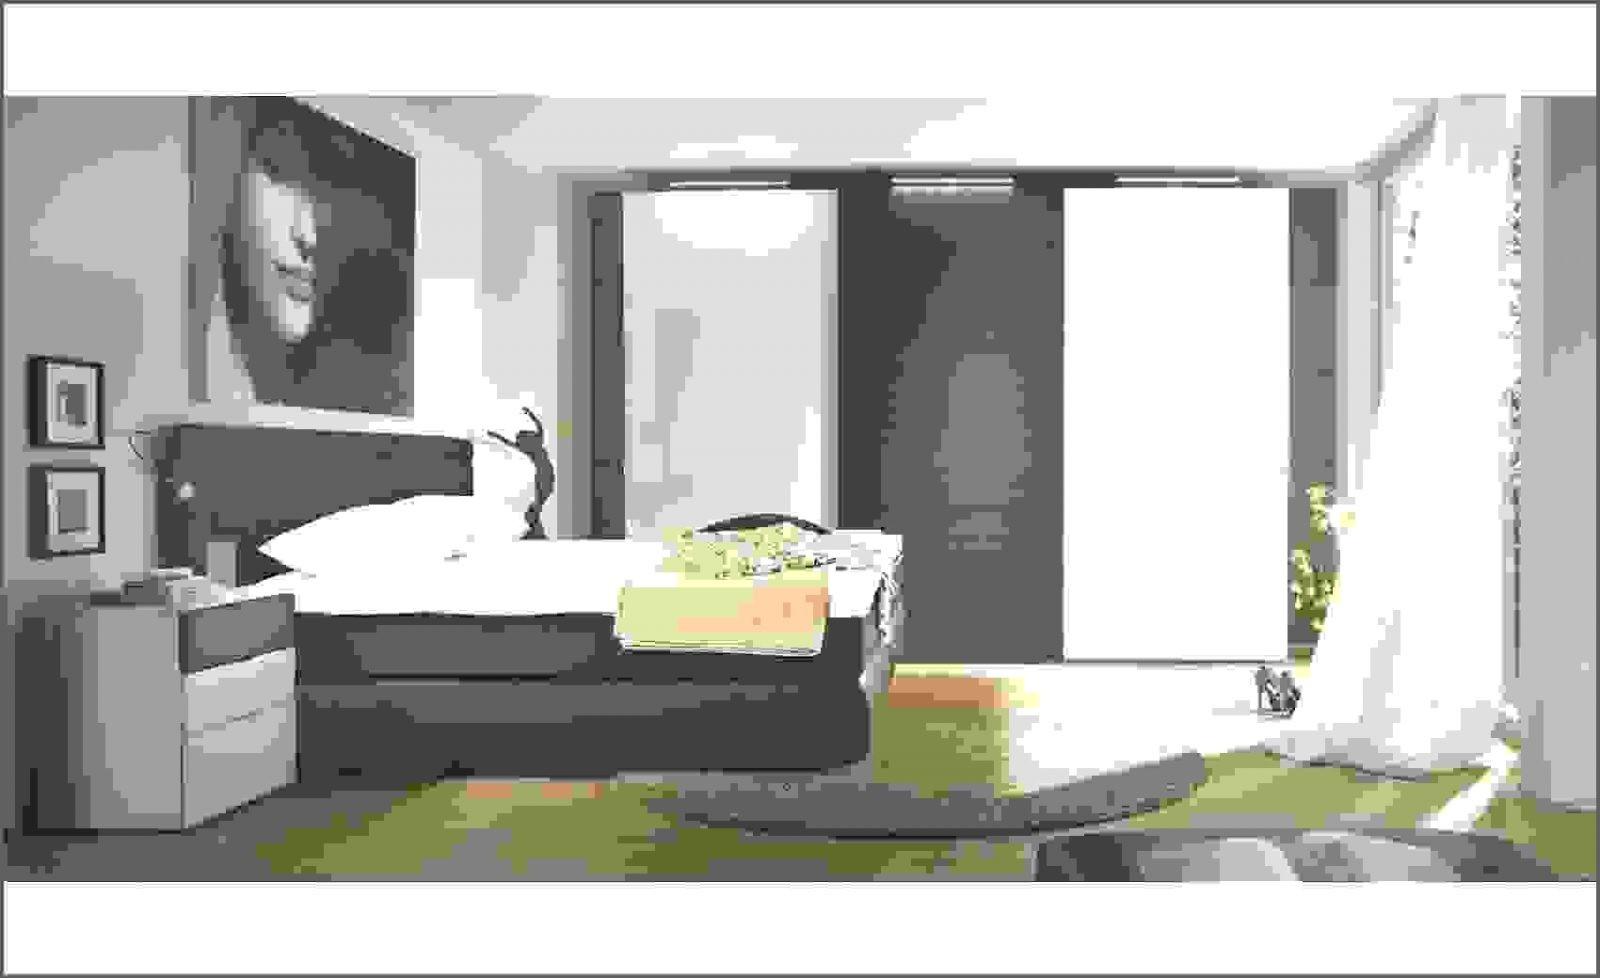 Neueste 40 Boxspringbett Dormian Designideen  Die Idee Eines Bettes von Wohnwert Boxspringbett Dormian Photo